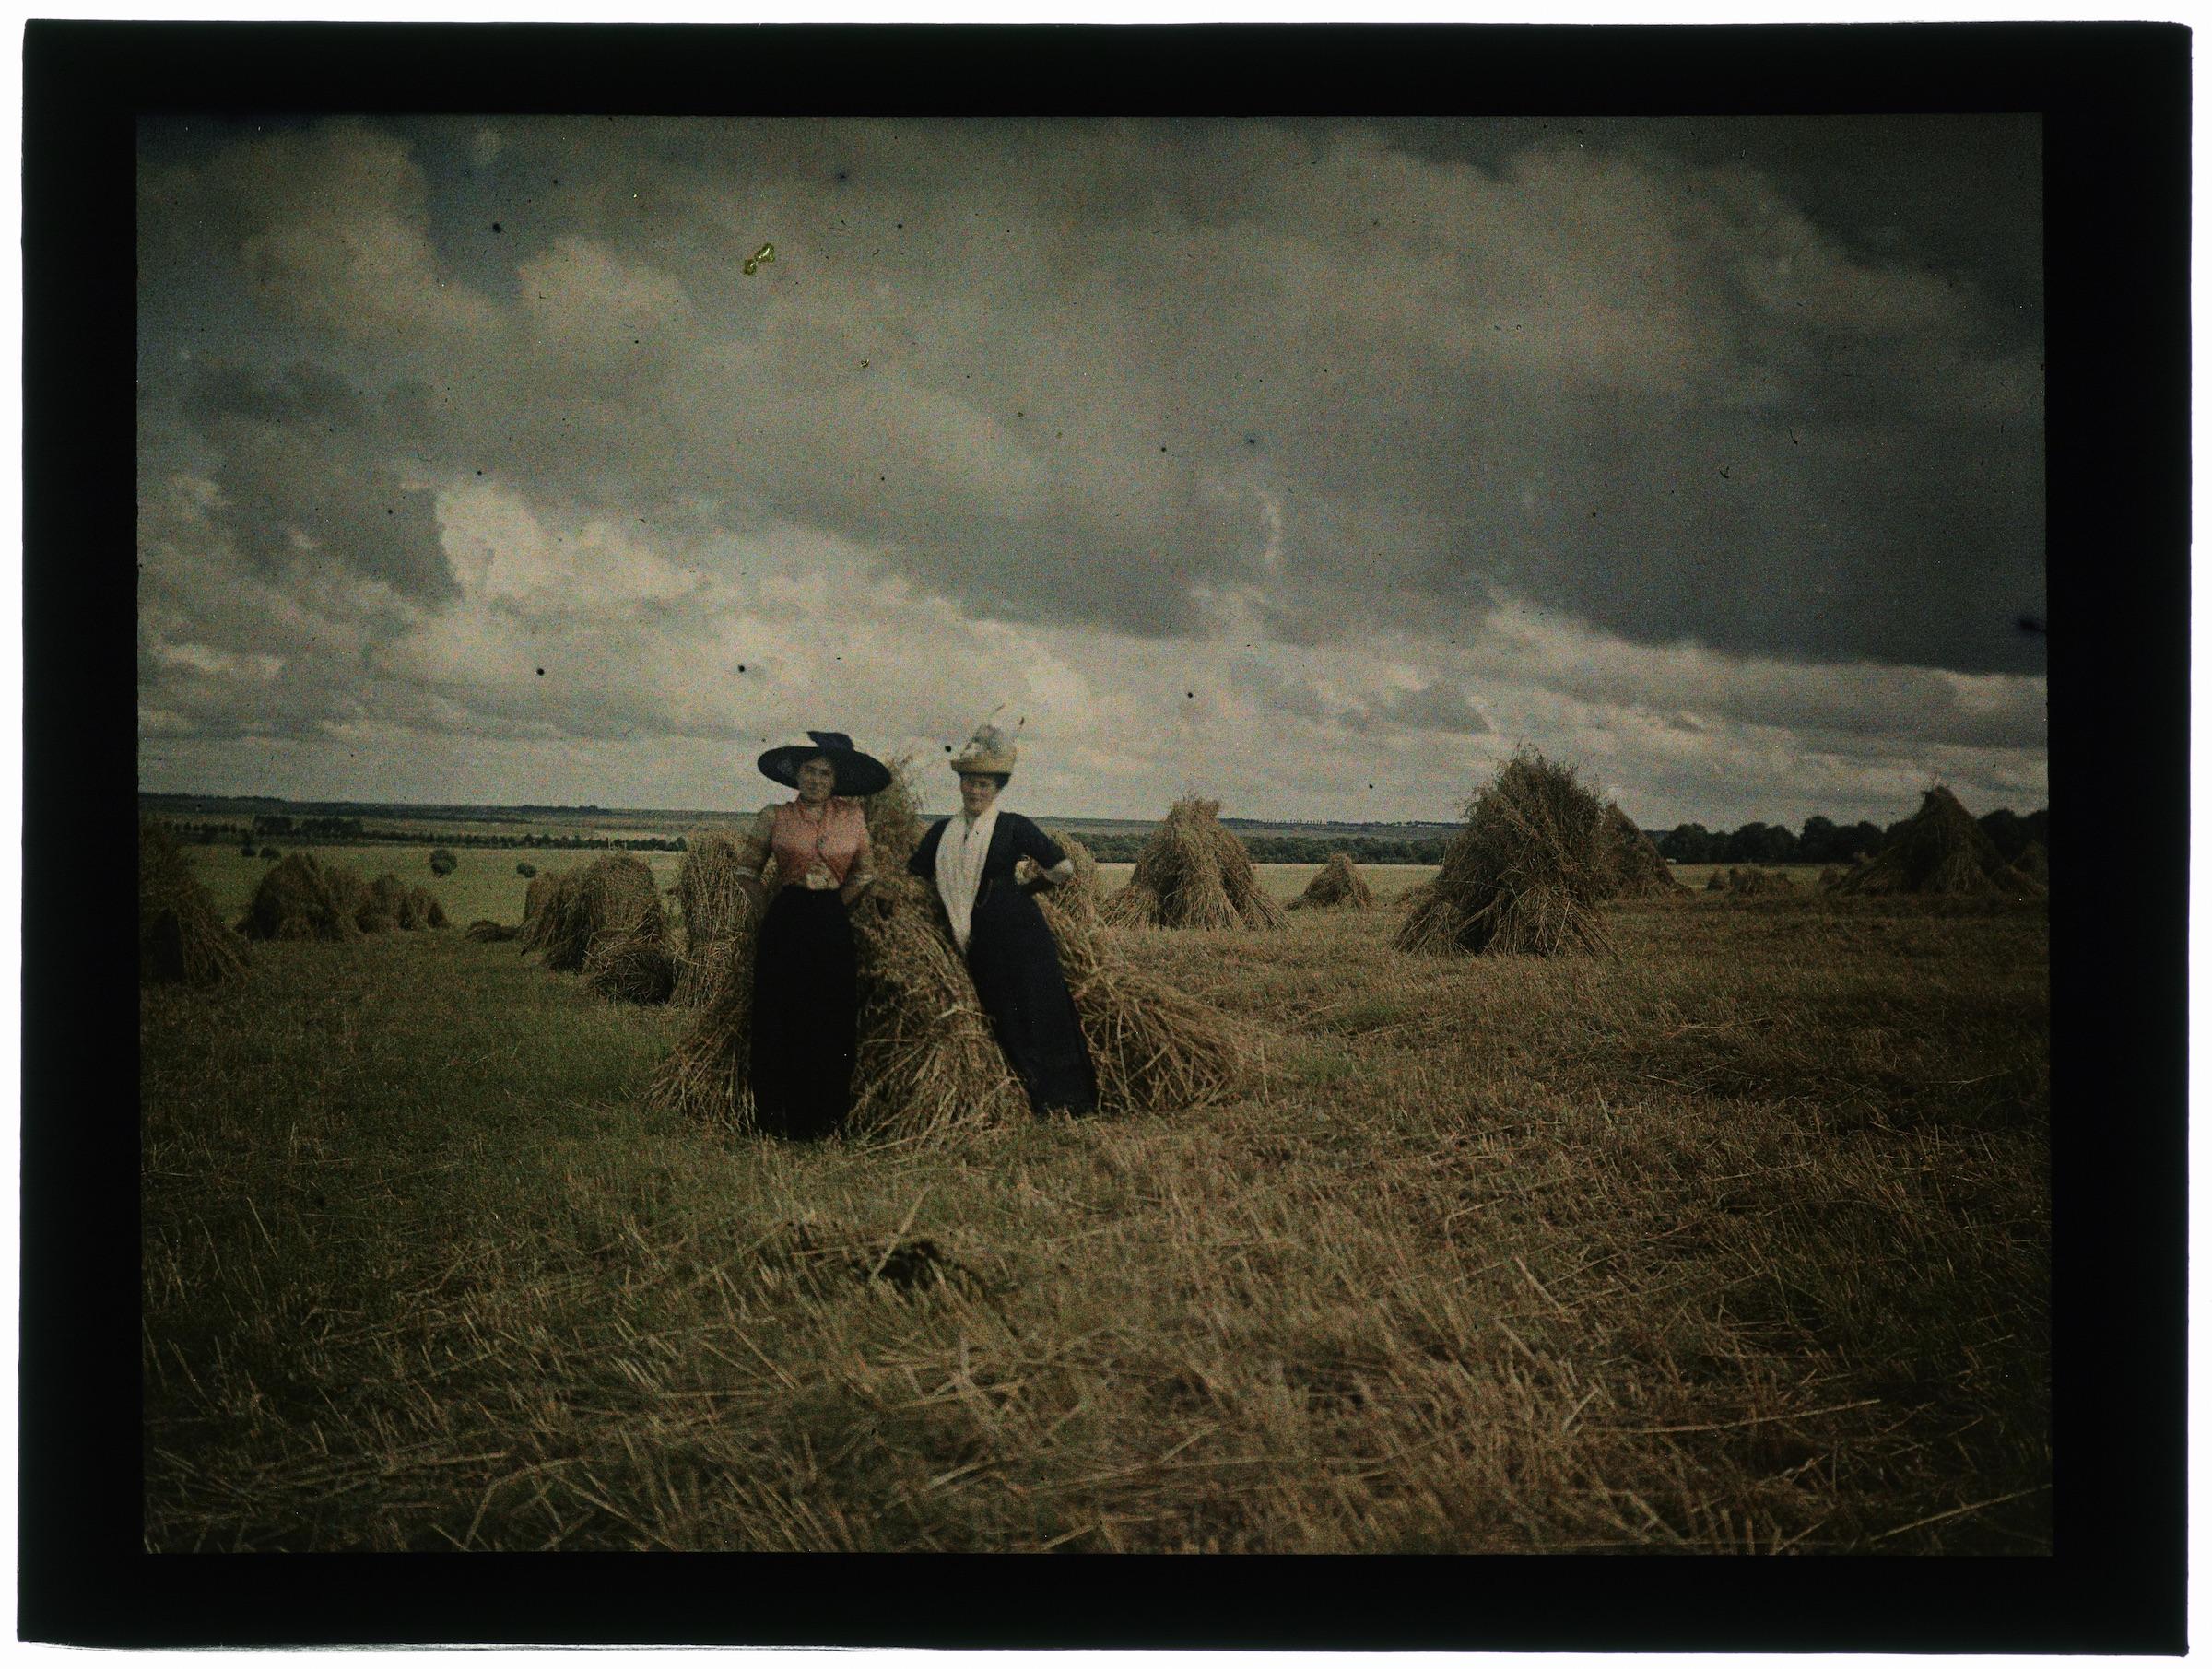 Femme dans les champs de blé moissonné